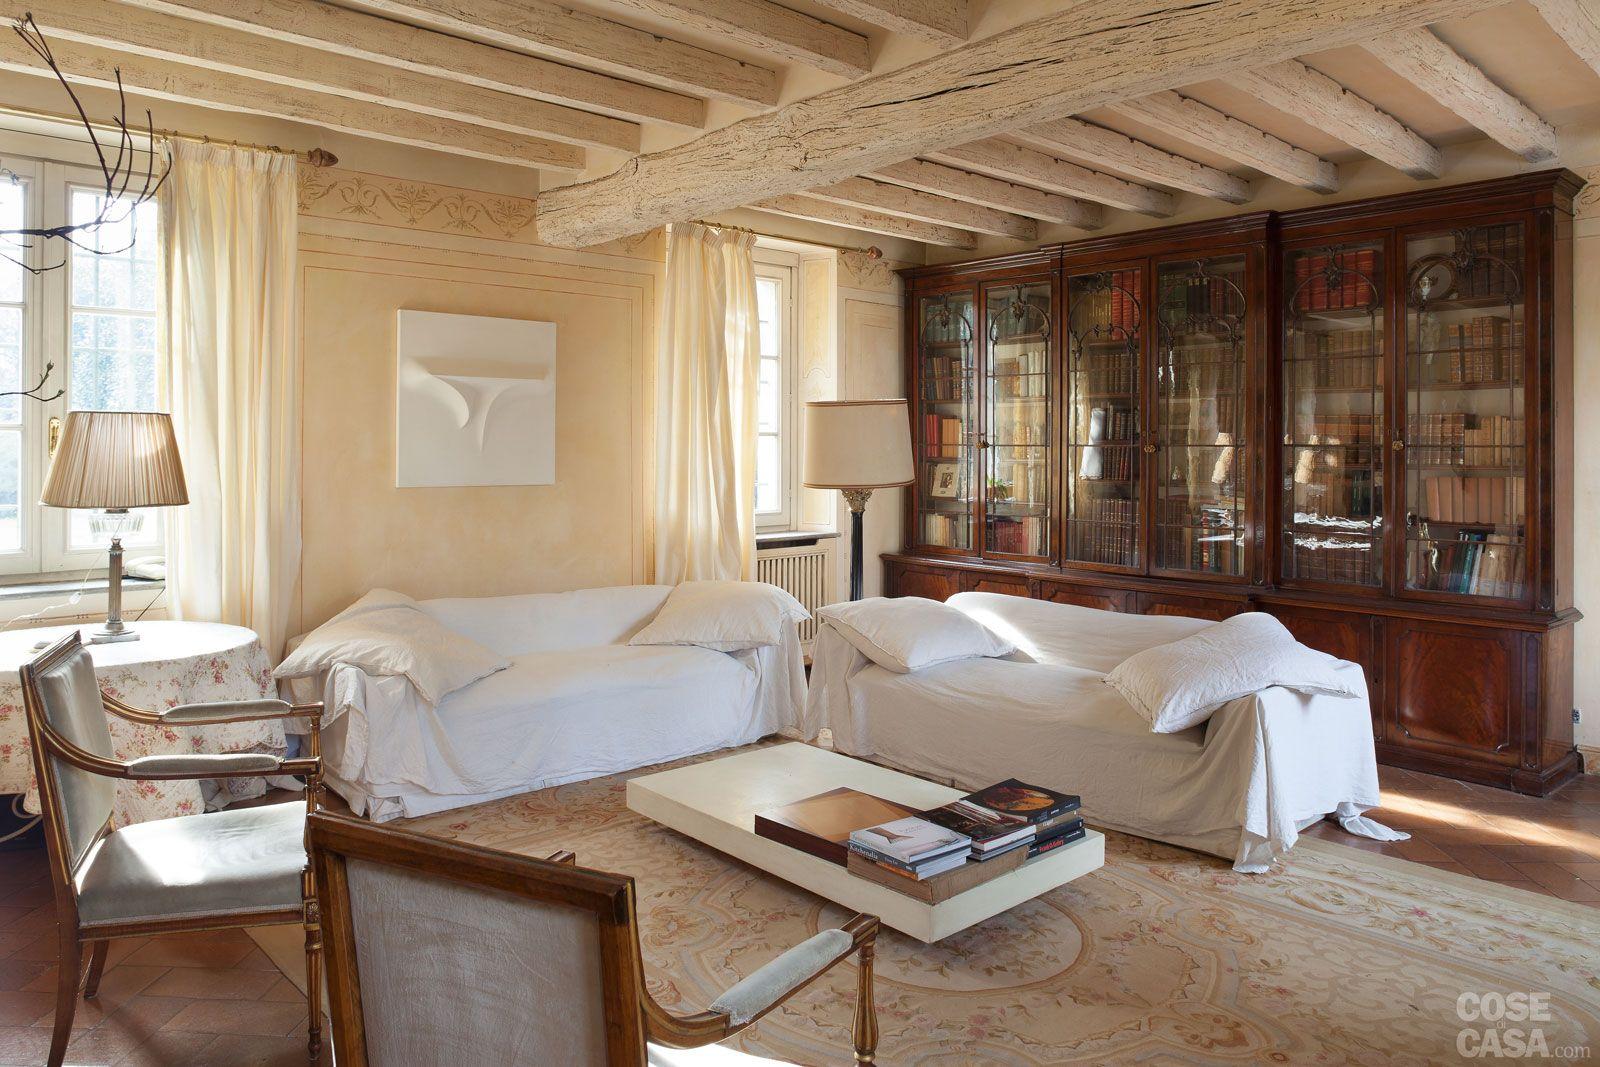 Da cascina a casa chic con travi a vista e soffitti for 4 piani casa di campagna camera da letto